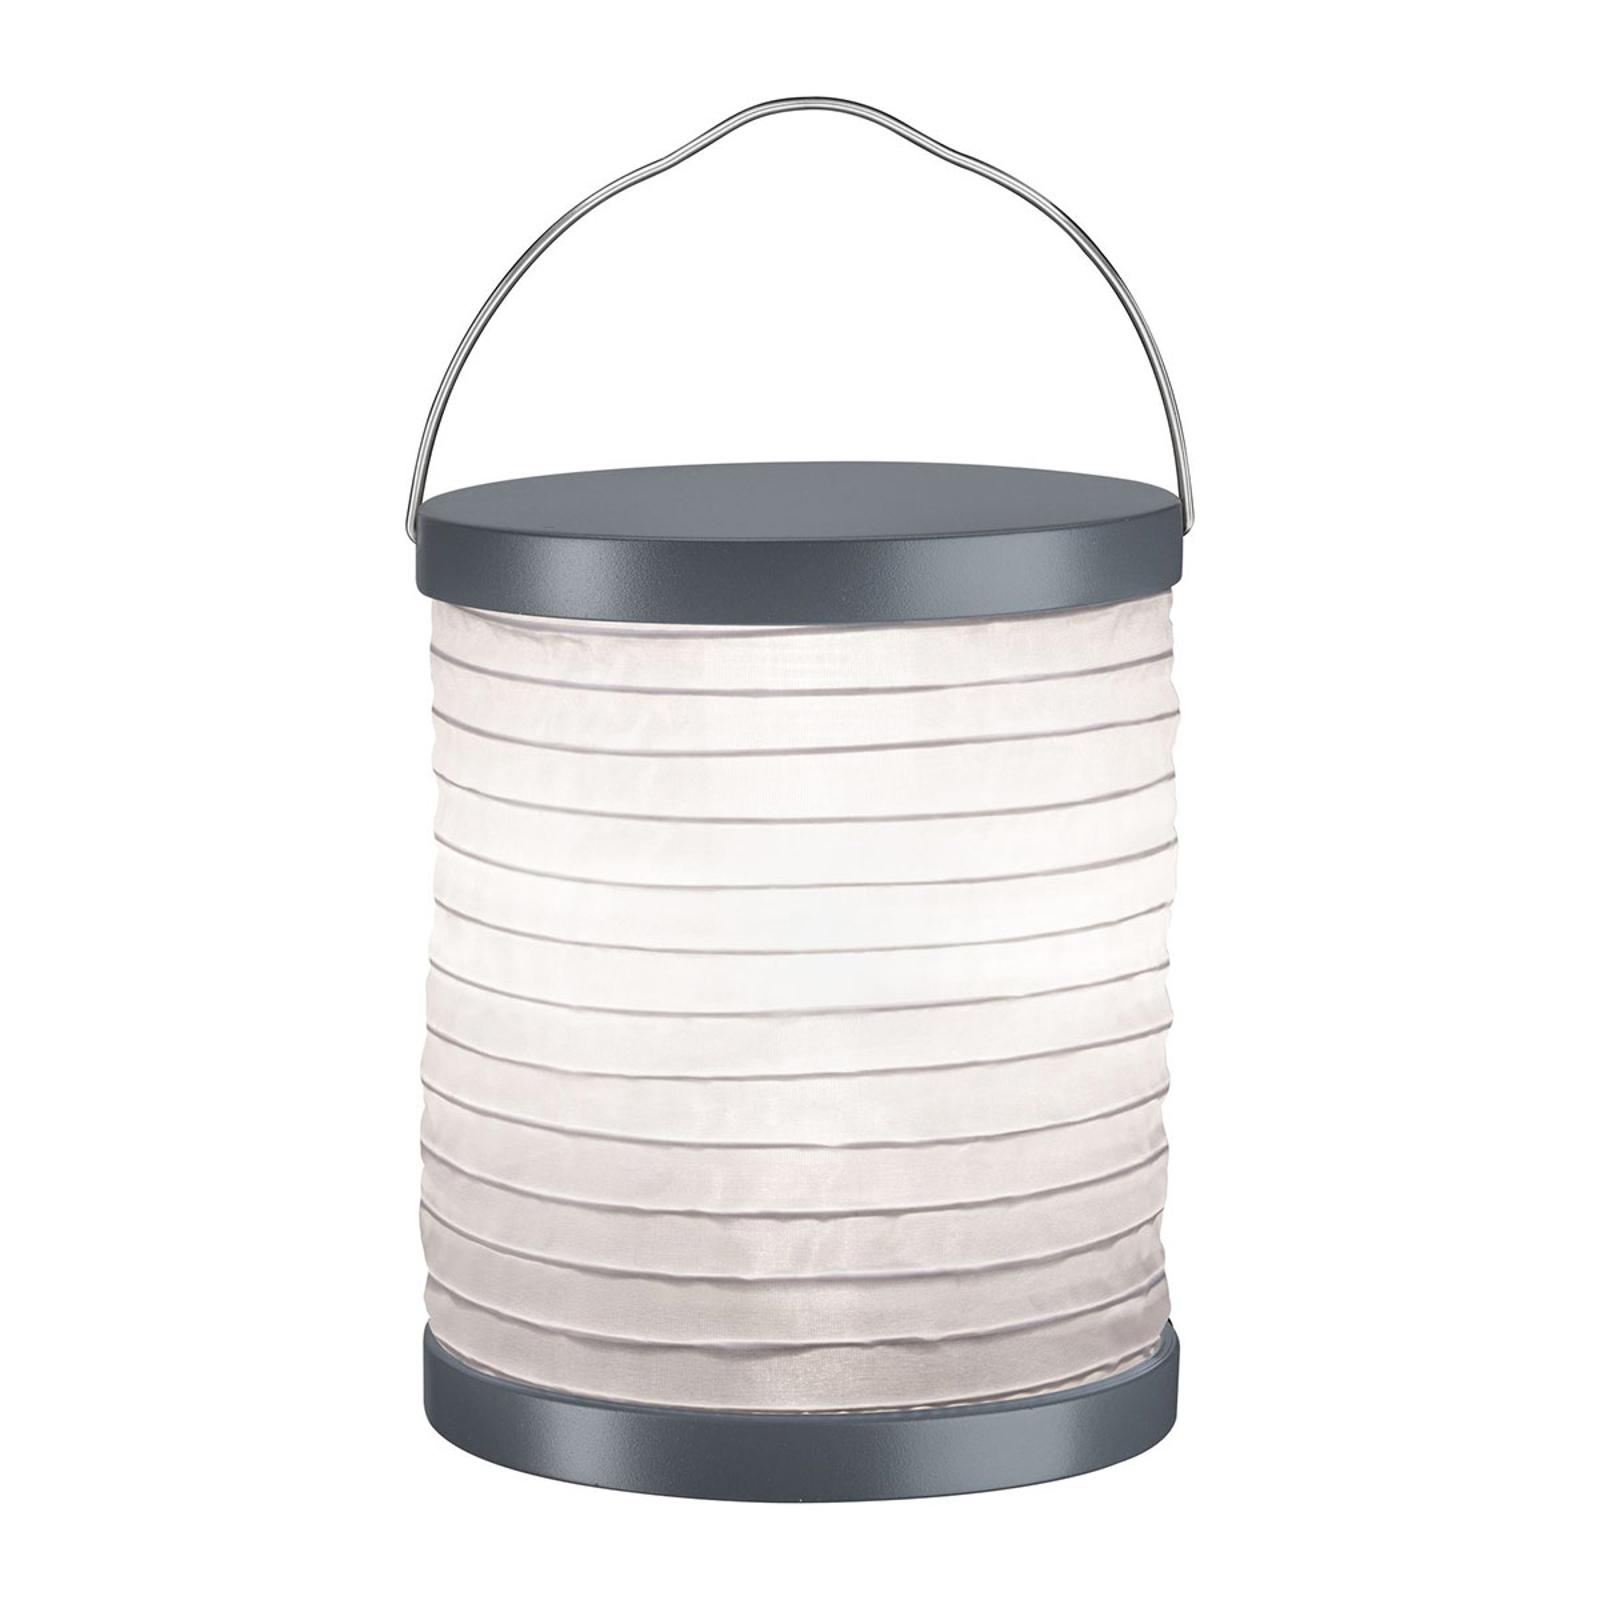 Paulmann Mobile Lampion -pöytälamppu, akku, harmaa